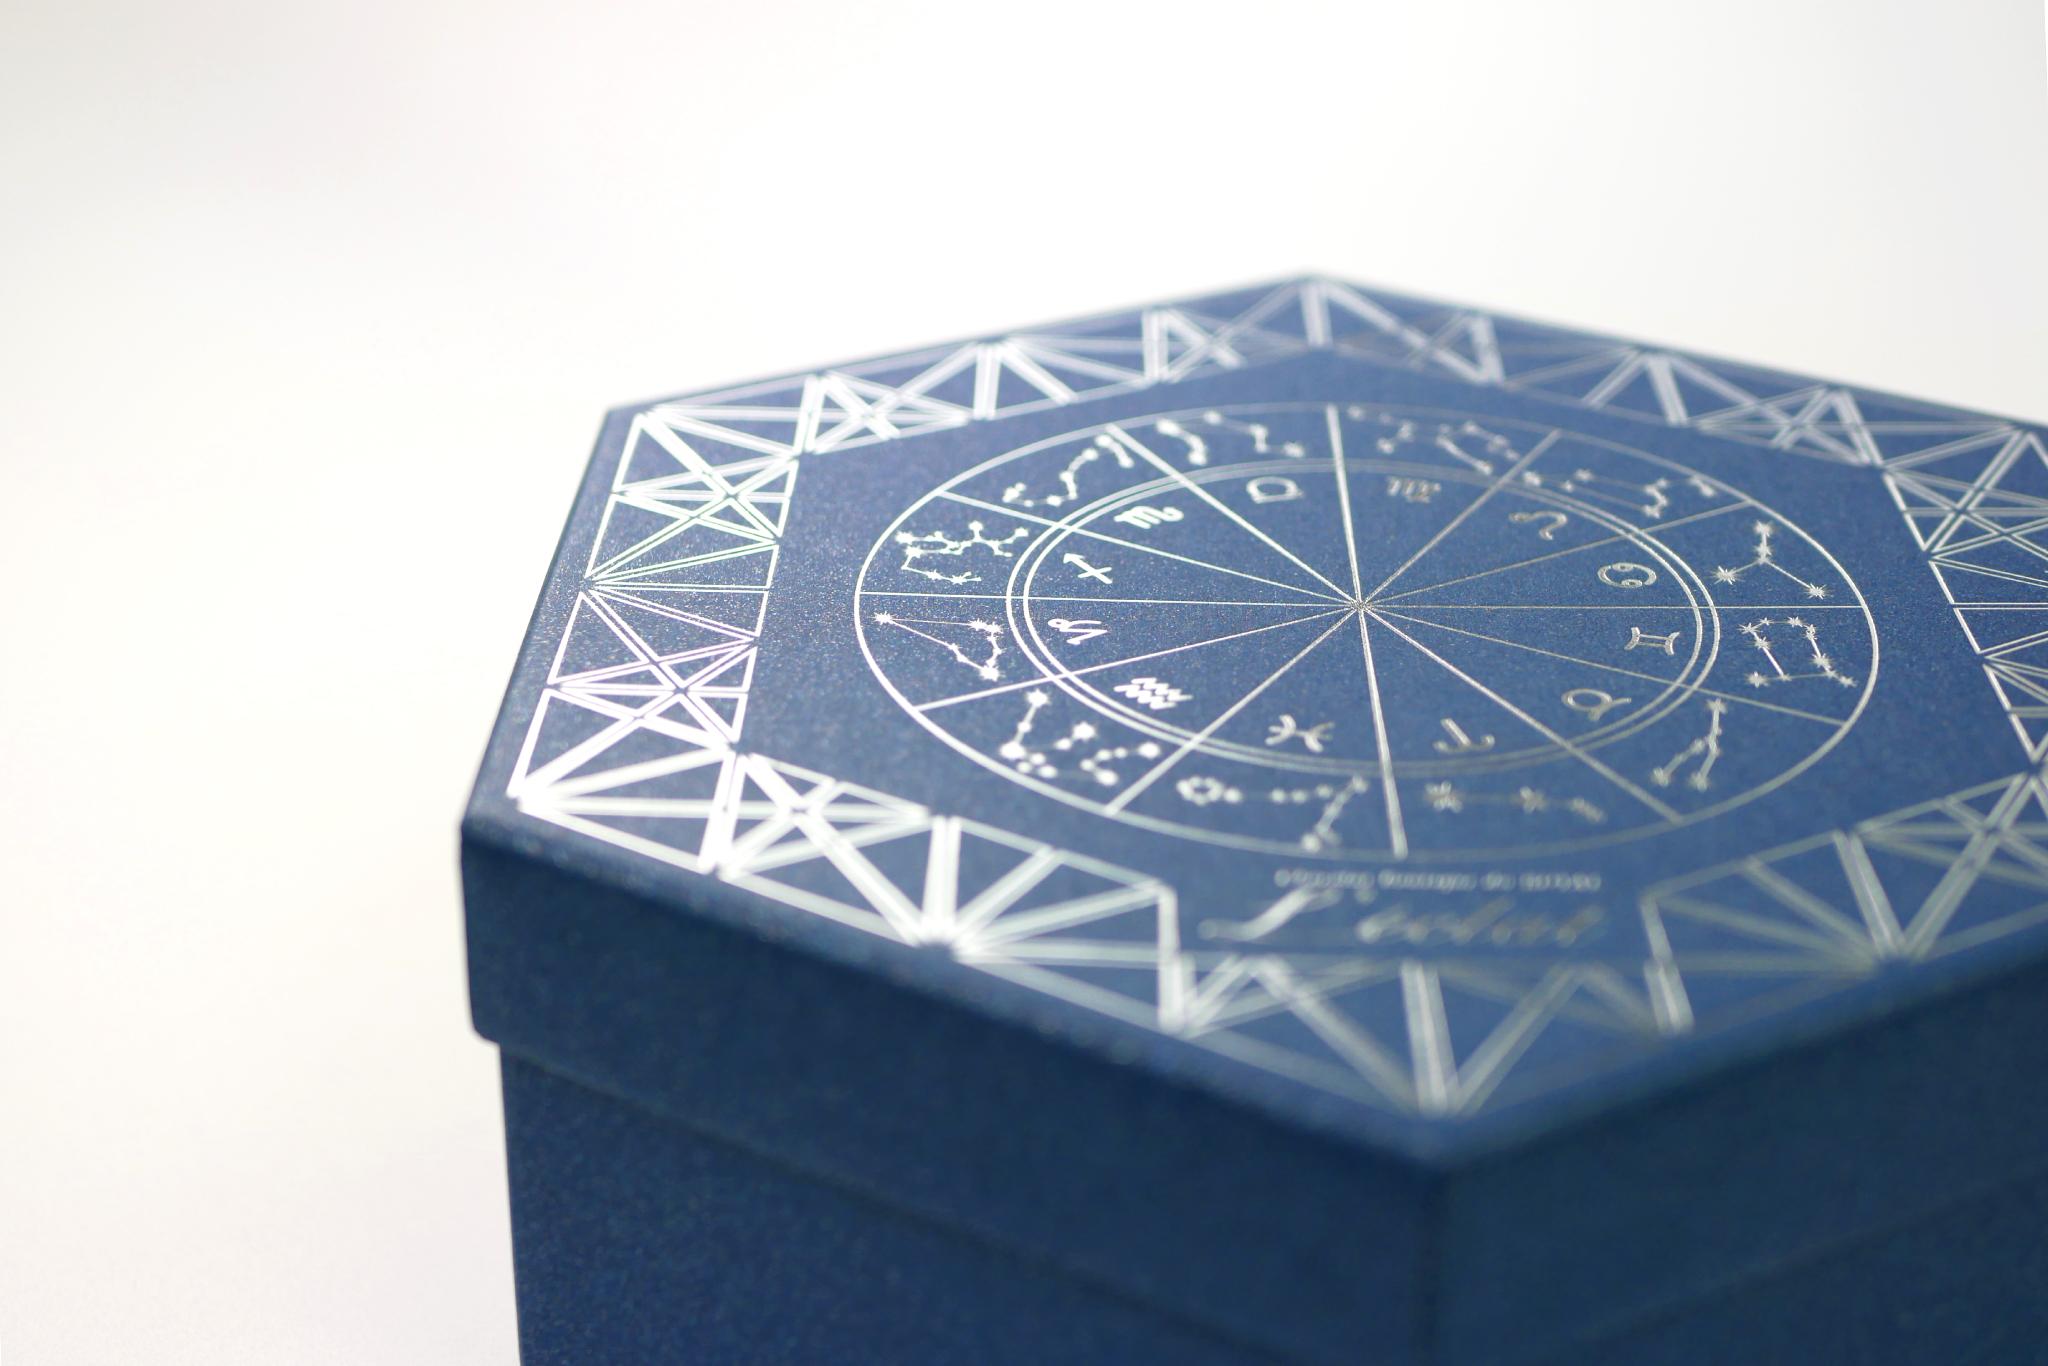 オリジナルパッケージ|チョコレート|貼り箱|バレンタイン